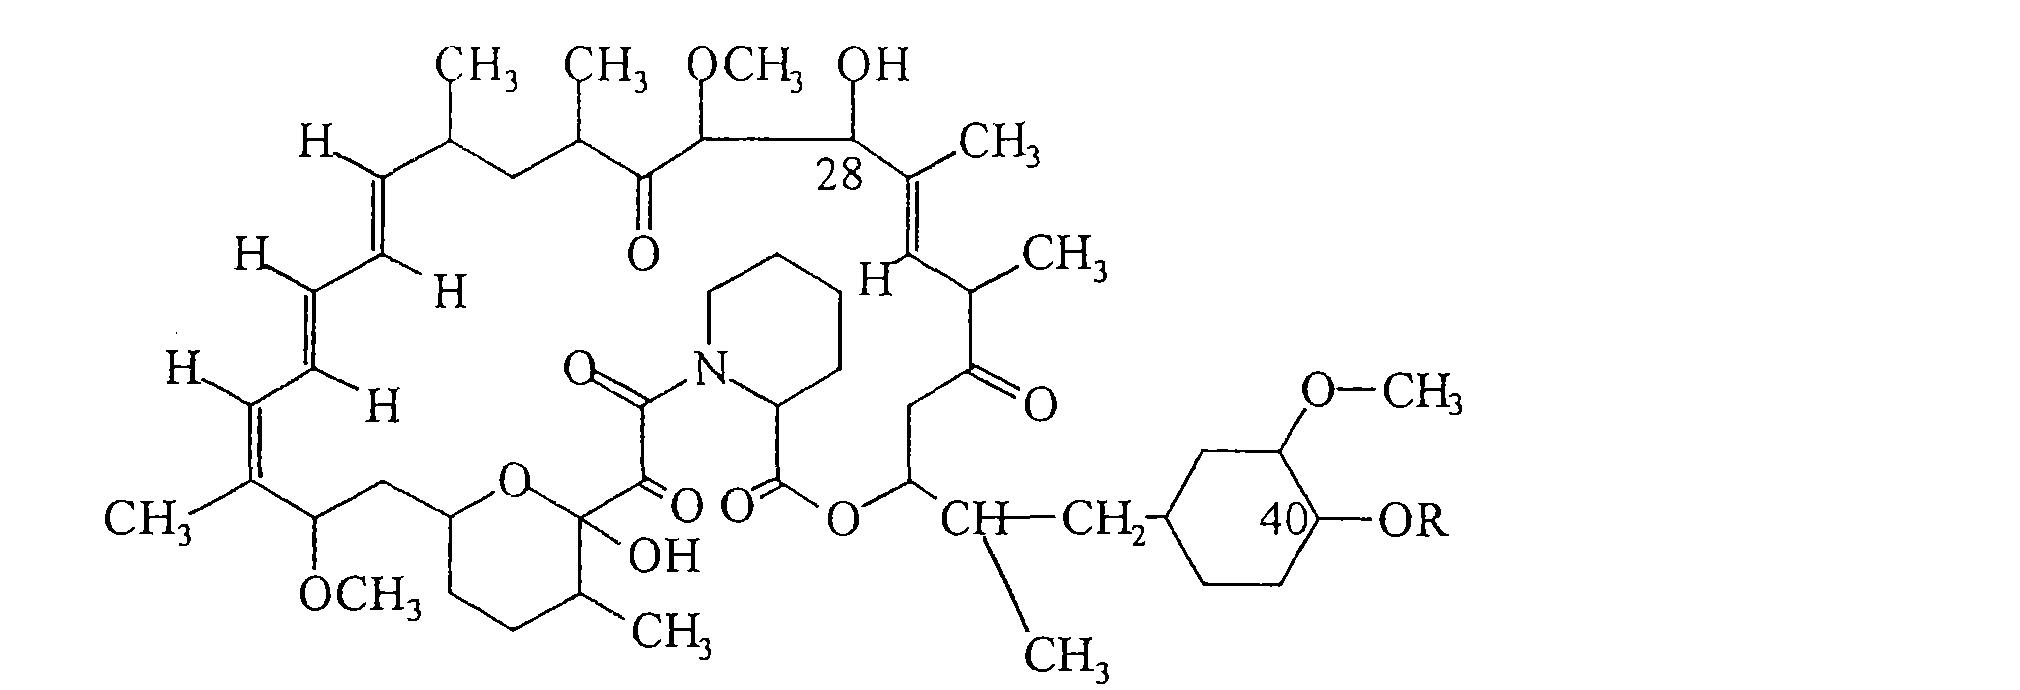 雷帕霉素具有以下分子结构